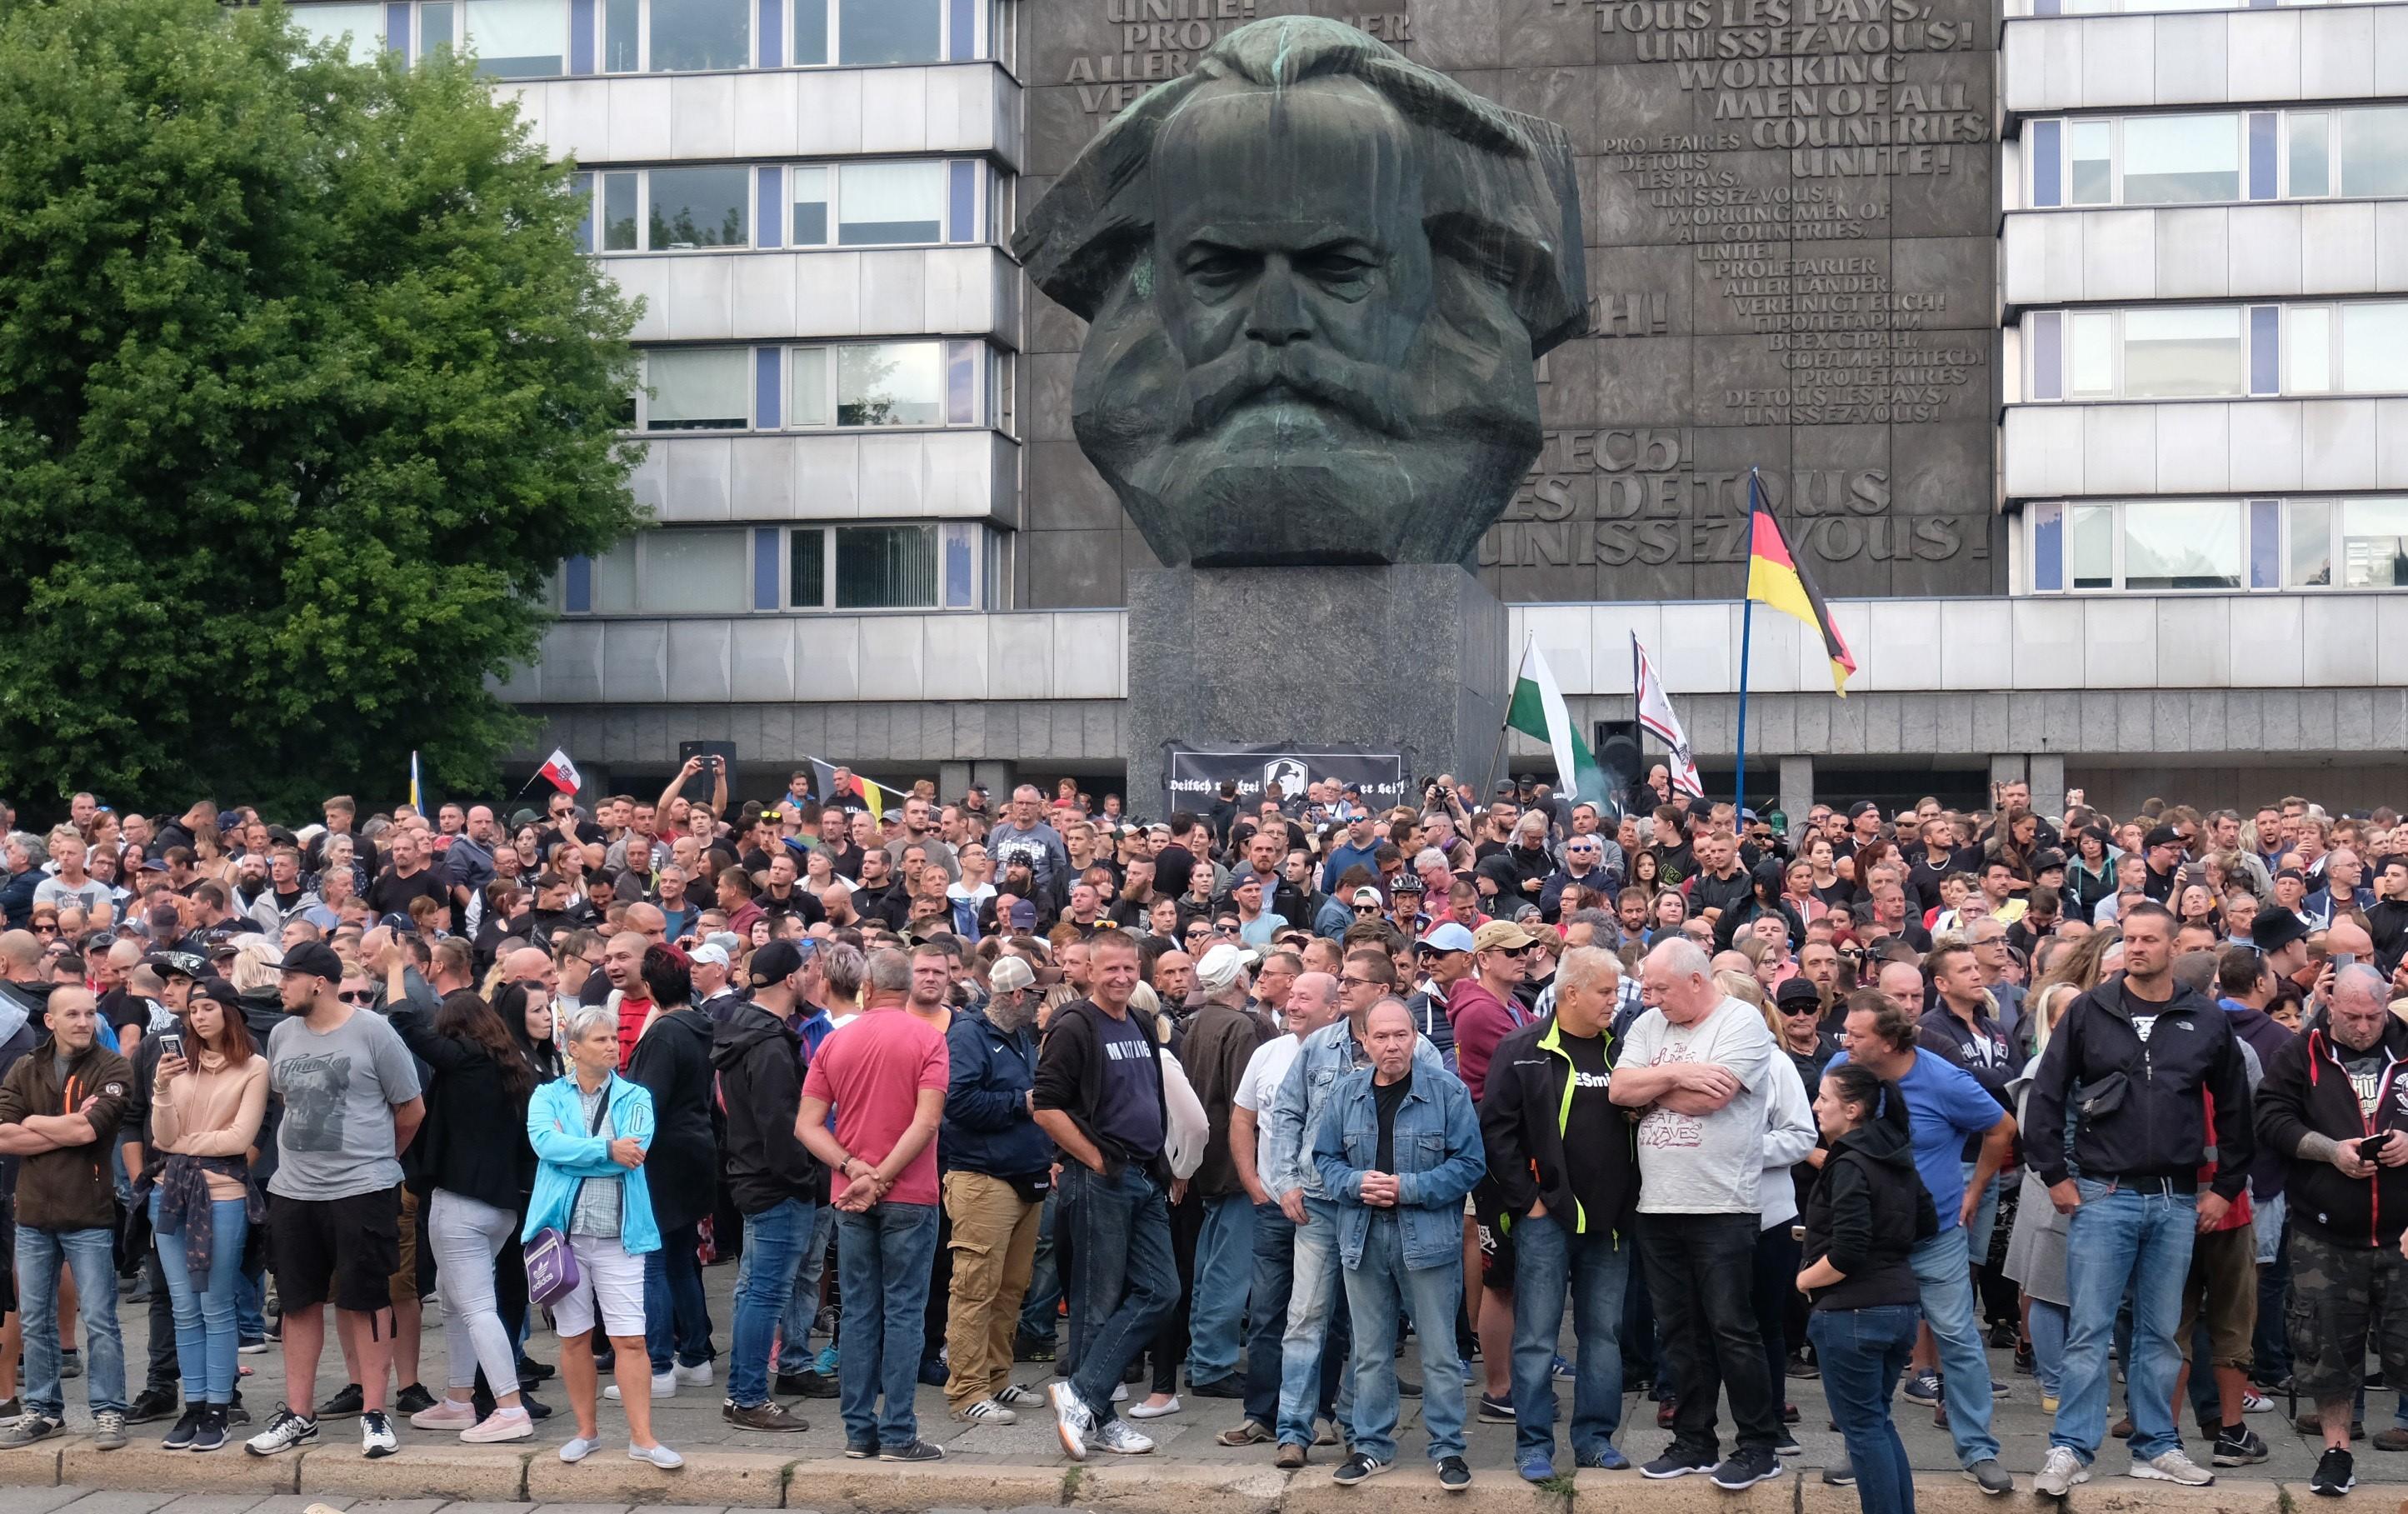 Morde & Messer: wo Düsseldorf schweigt - Chemnitz Haltung